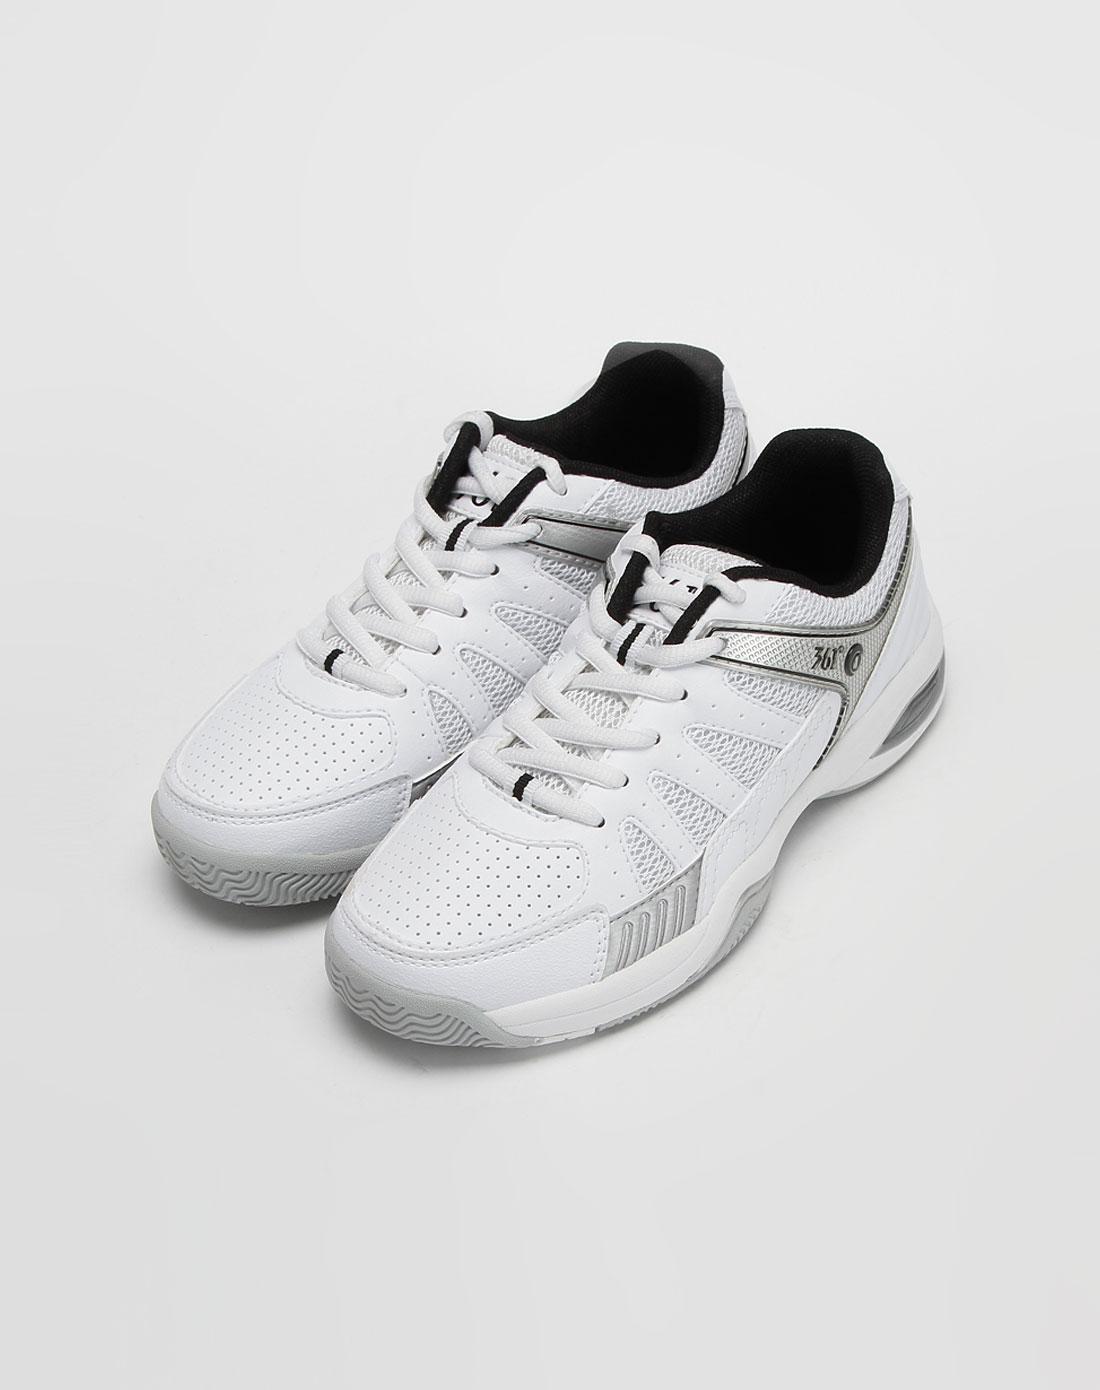 女款白/黑色羽毛球鞋_361°官网特价1.7-3